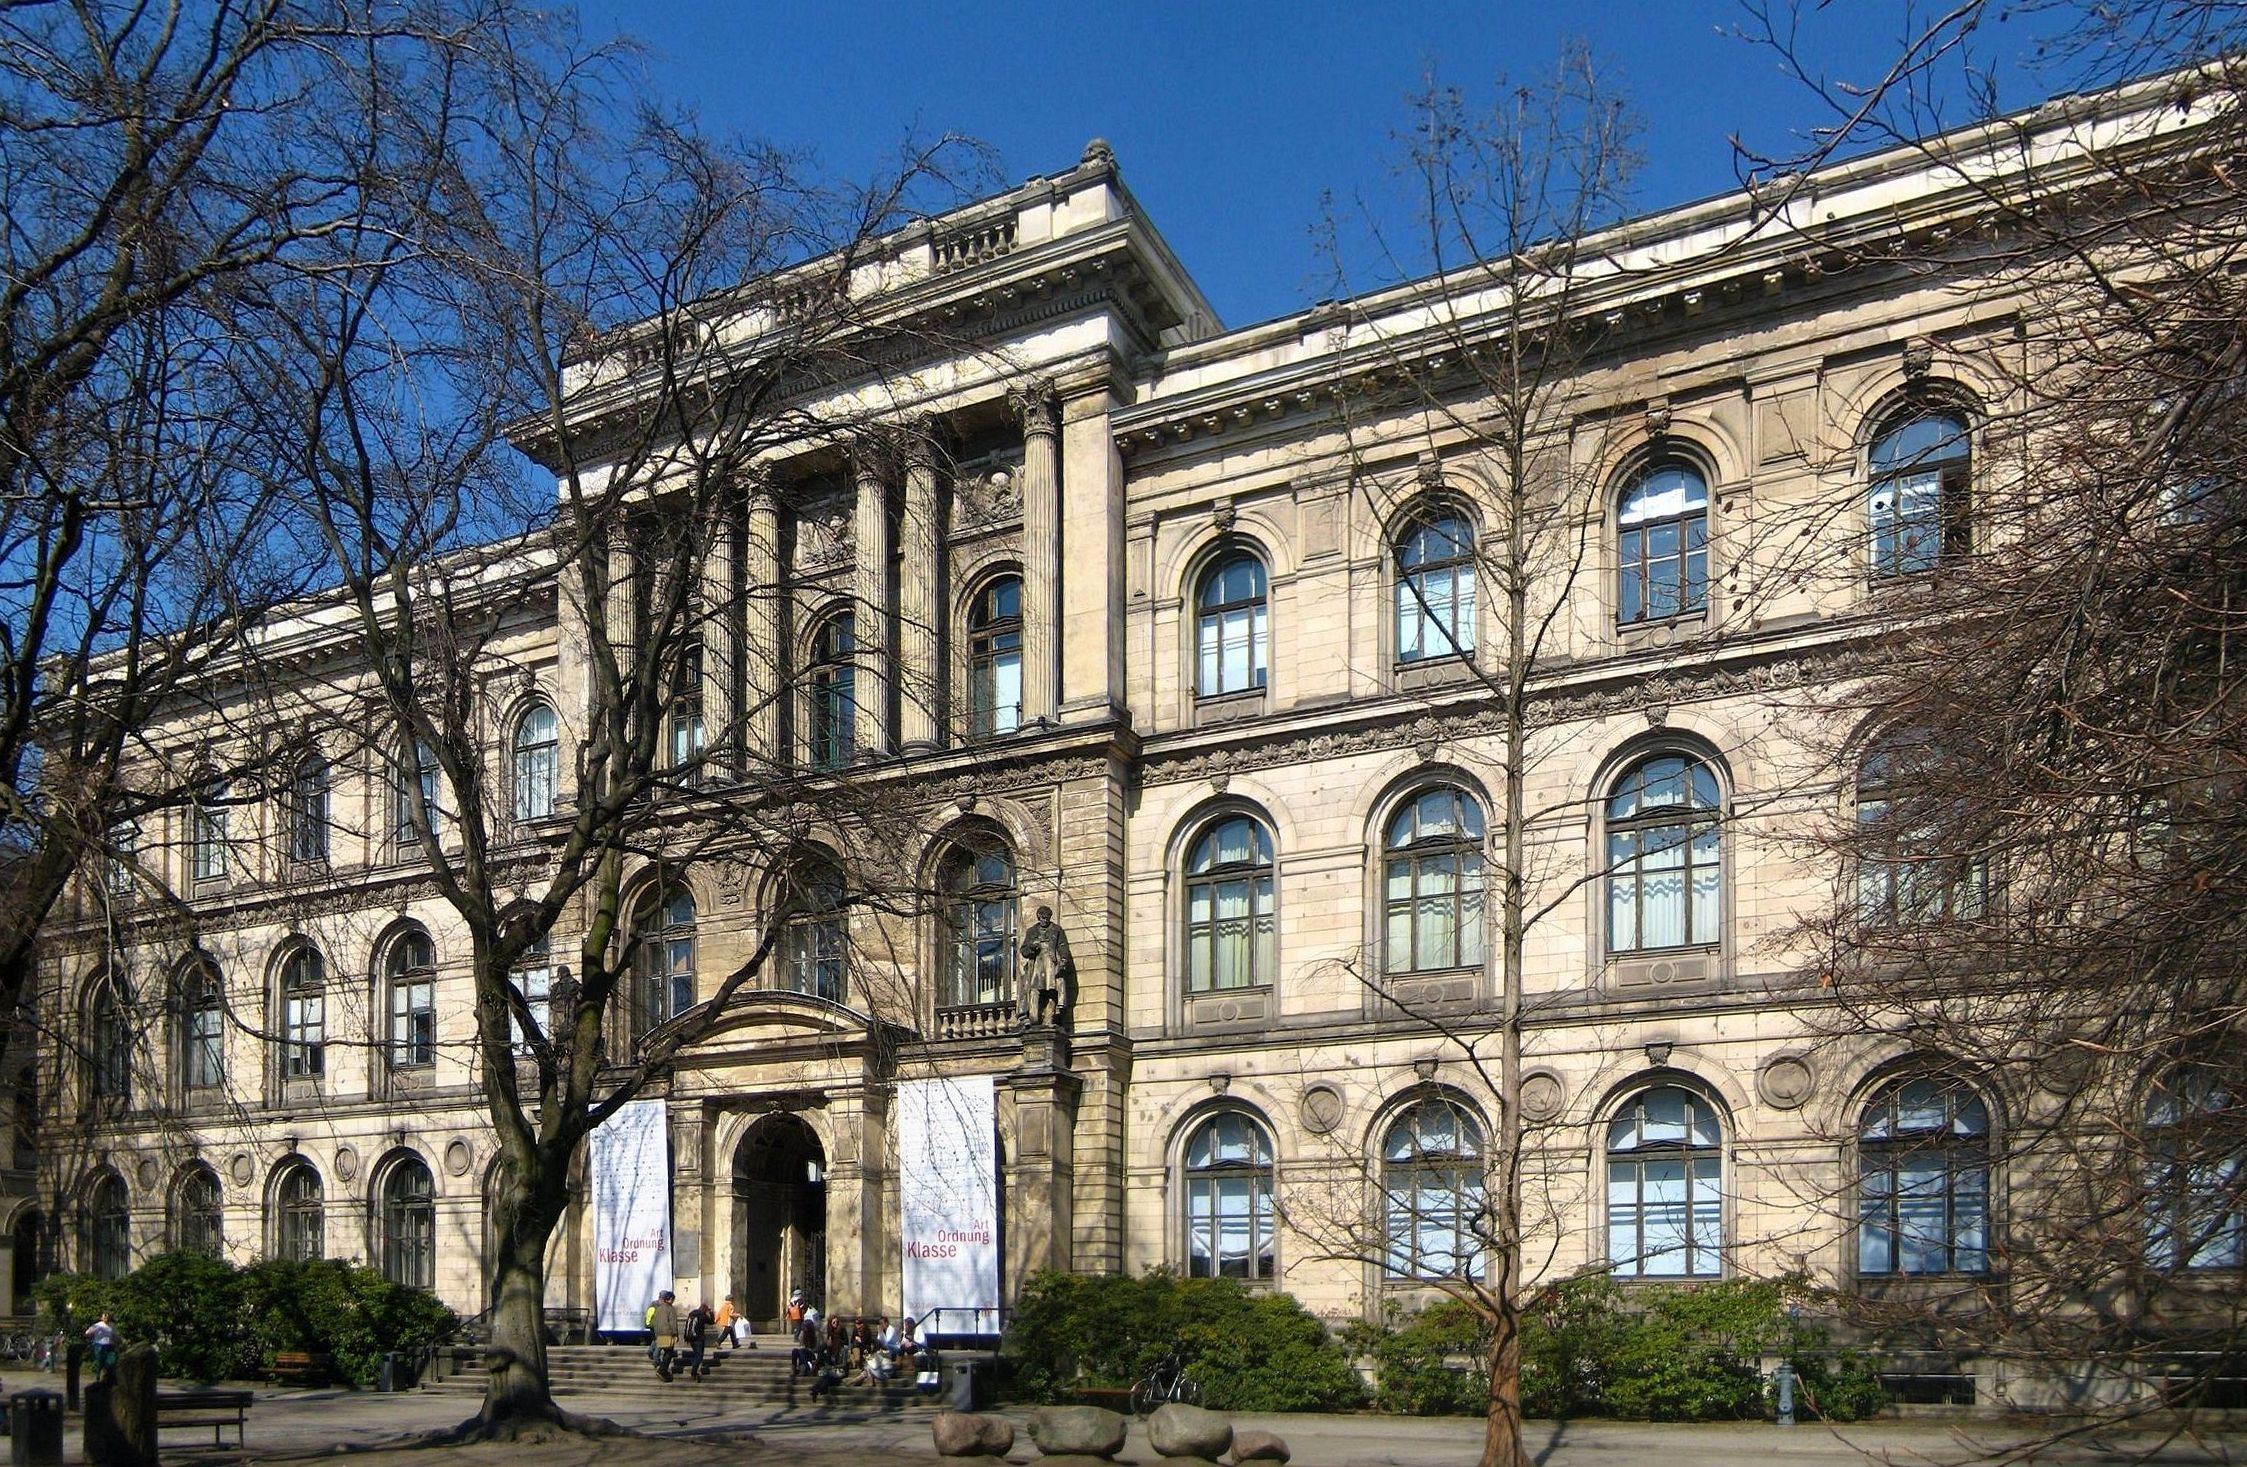 Abren 4 de los museos más importantes de Alemania